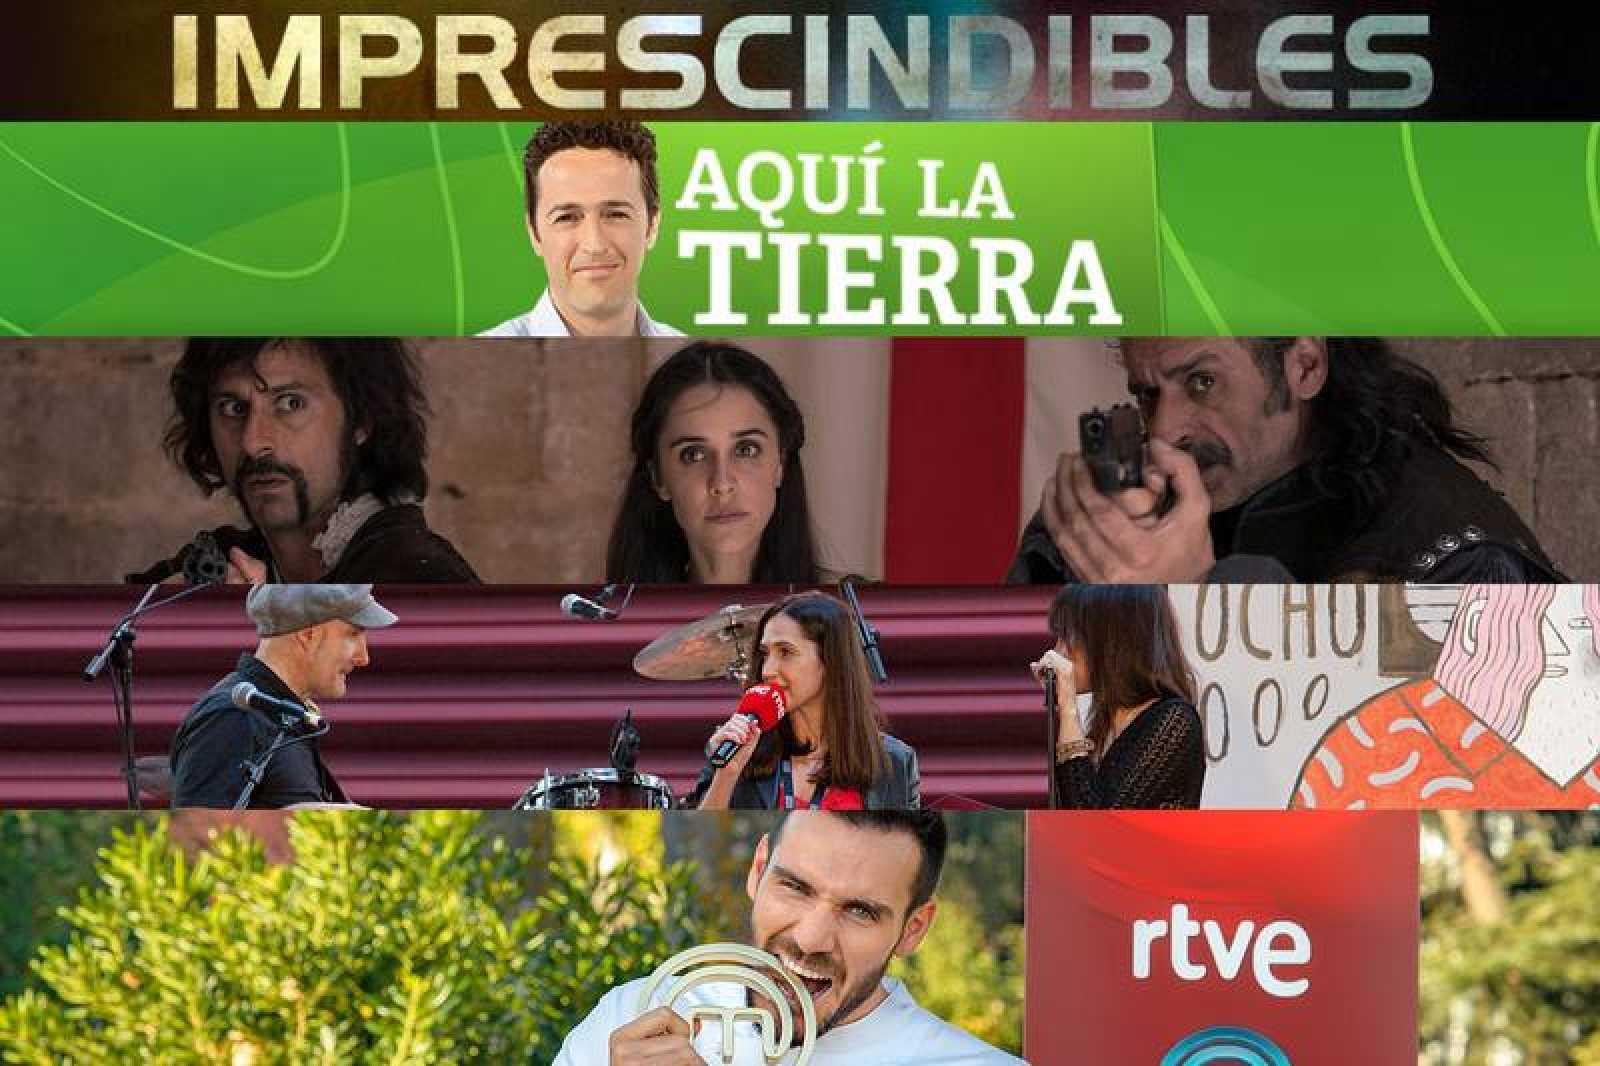 Los Premios Iris, Ondas, Antenas de Oro y Plata y festivales como los de Vitoria, León o el MiM también han galardonado a RTVE